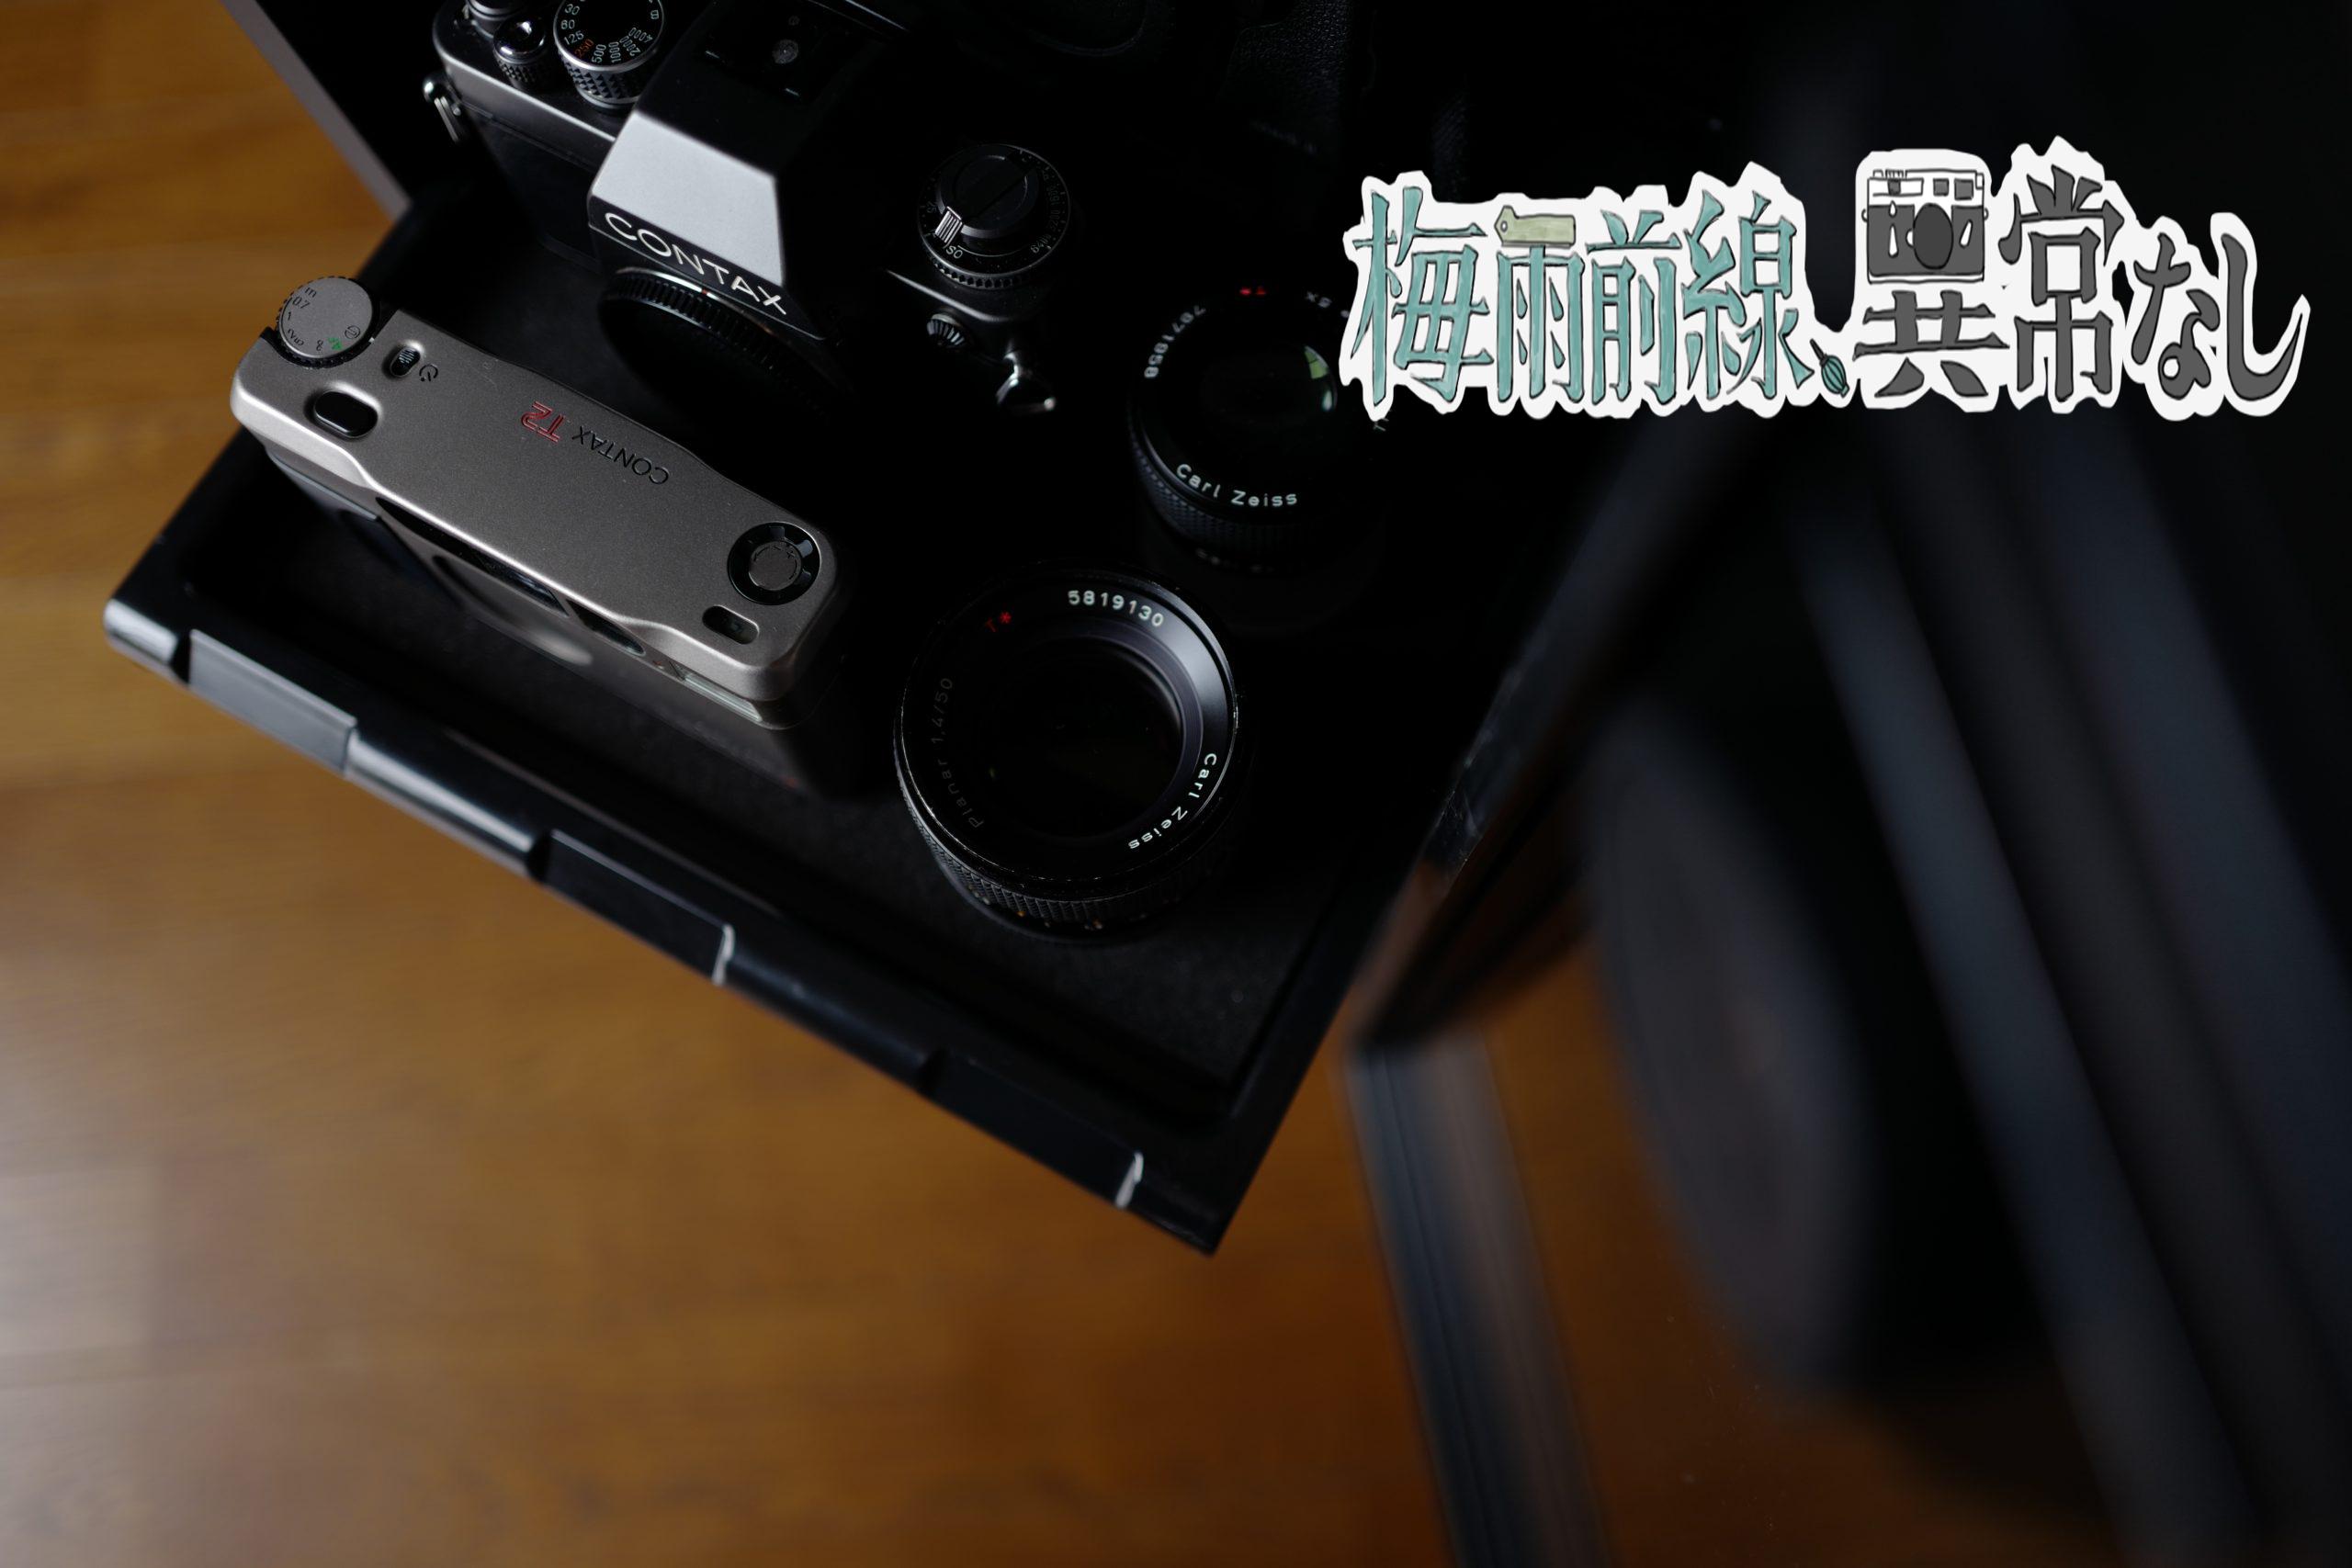 マップカメラスタッフの防湿庫大公開!vol.6